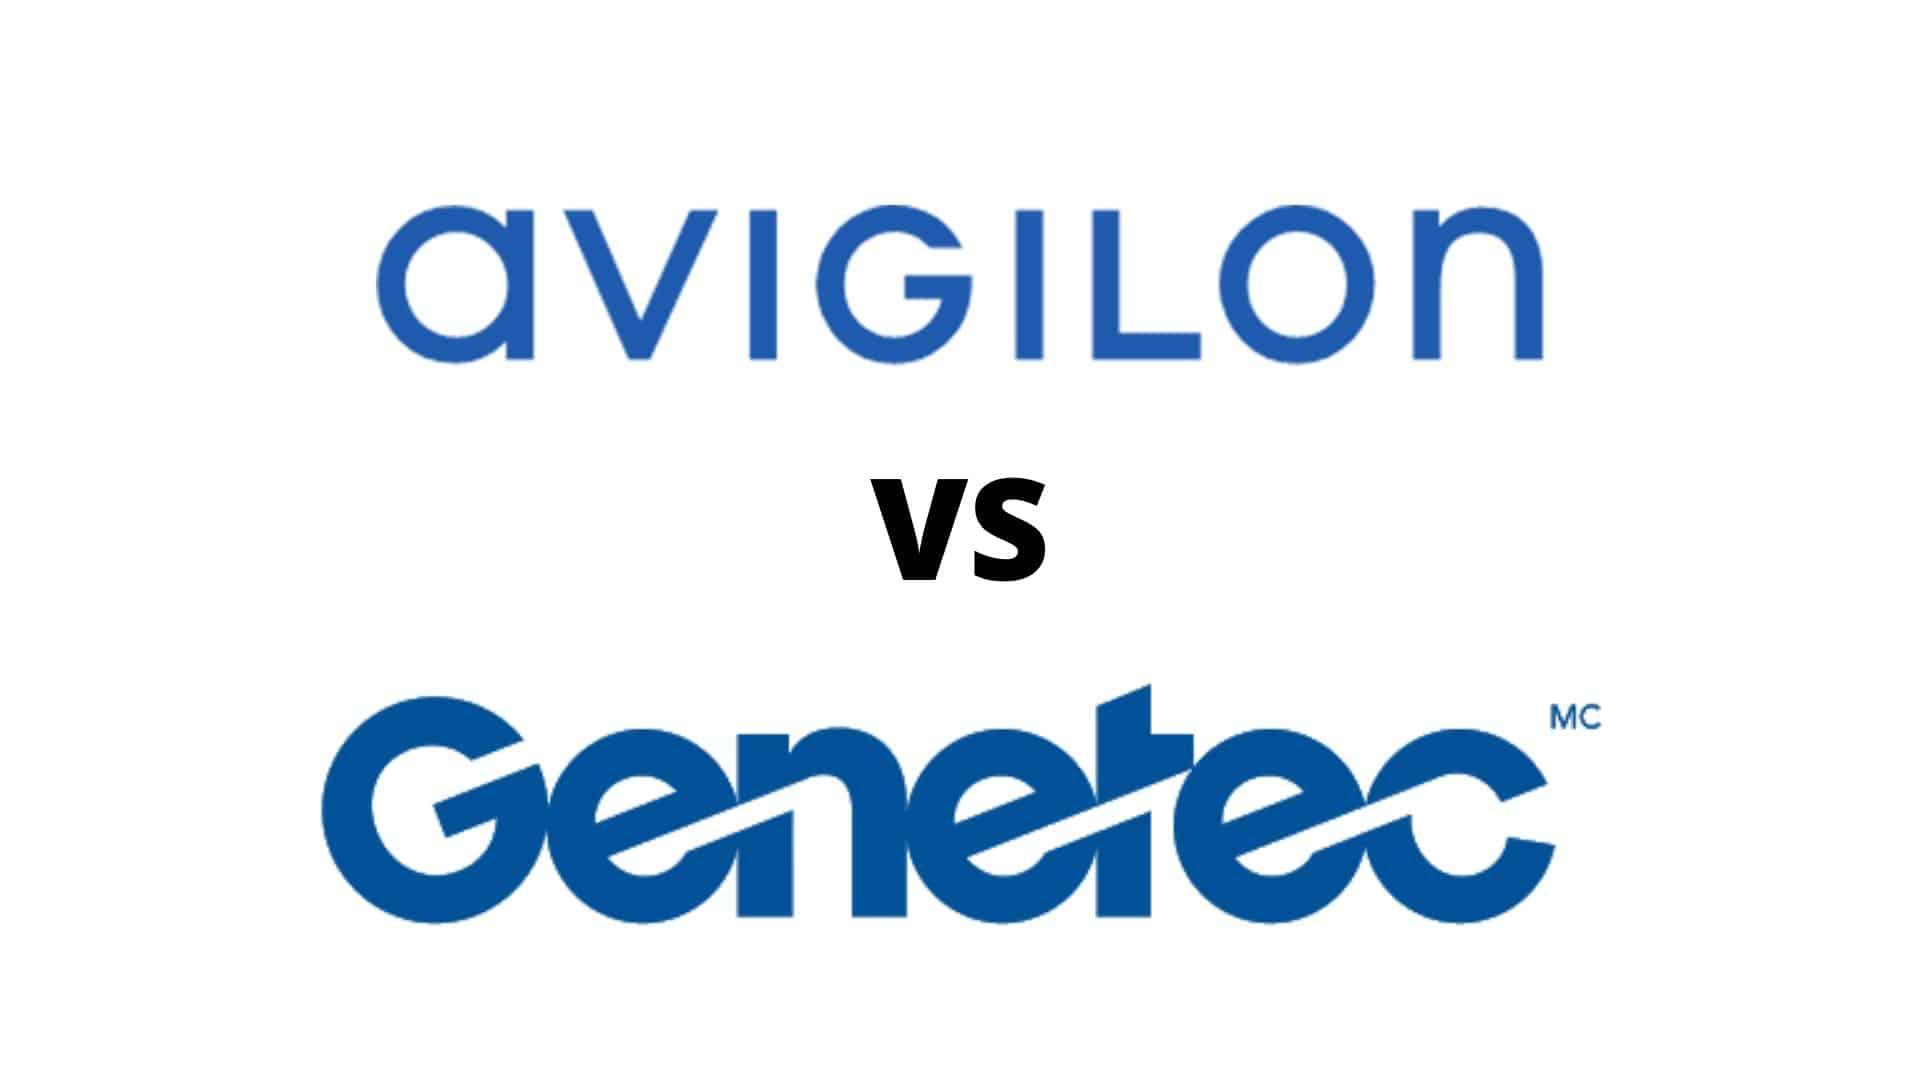 avigilon vs genetec